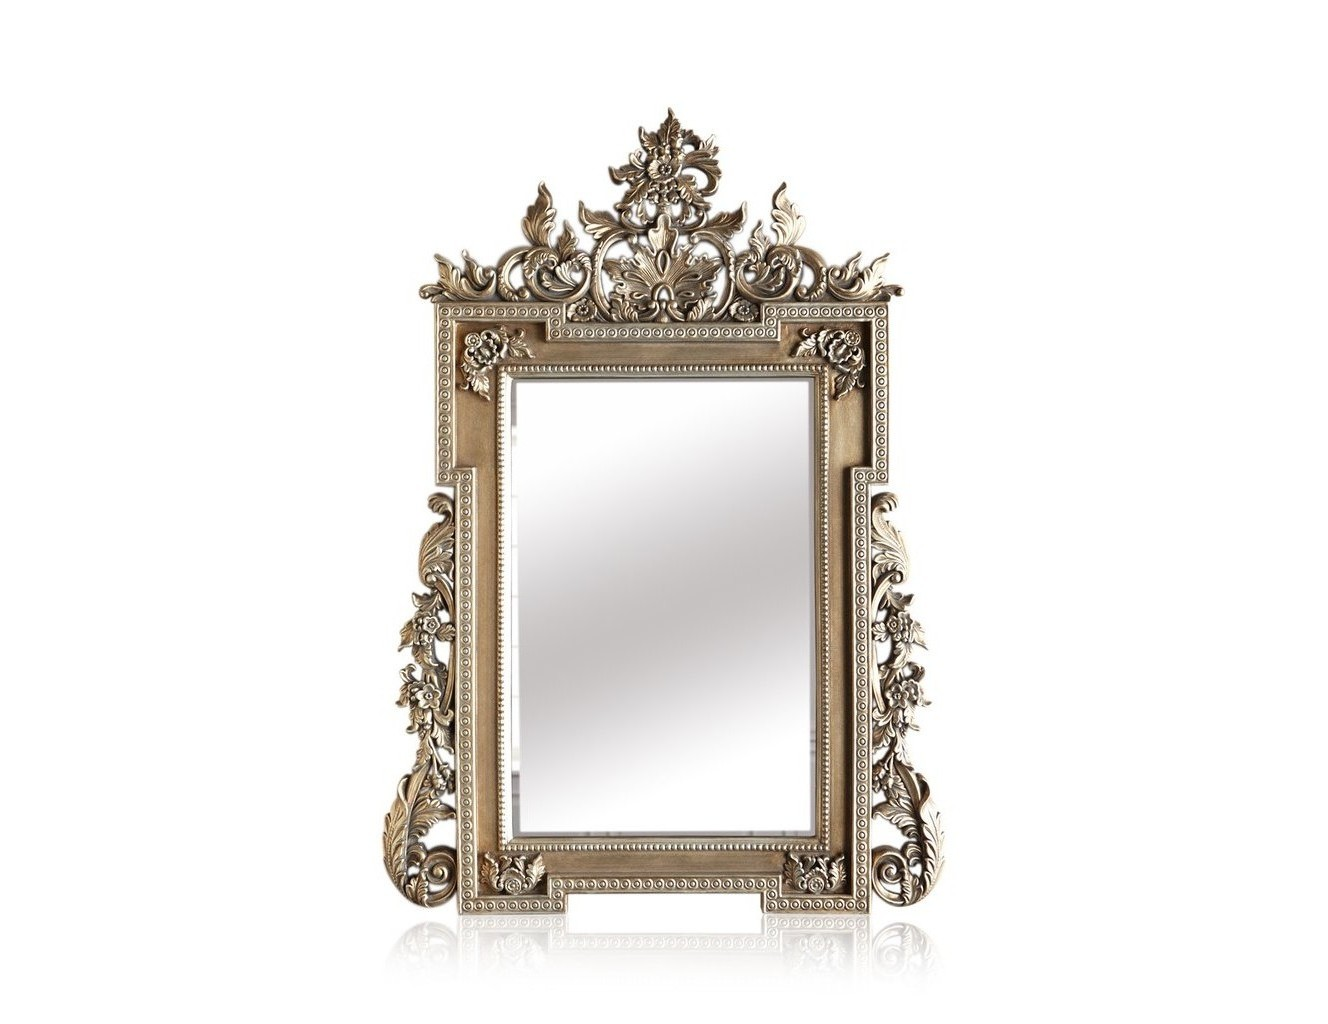 Зеркало БристольНастенные зеркала<br>&amp;lt;span style=&amp;quot;font-size: 14px;&amp;quot;&amp;gt;Крепления входят в стоимость.&amp;lt;/span&amp;gt;<br><br>Material: Пластик<br>Ширина см: 105.0<br>Высота см: 155.0<br>Глубина см: 7.0